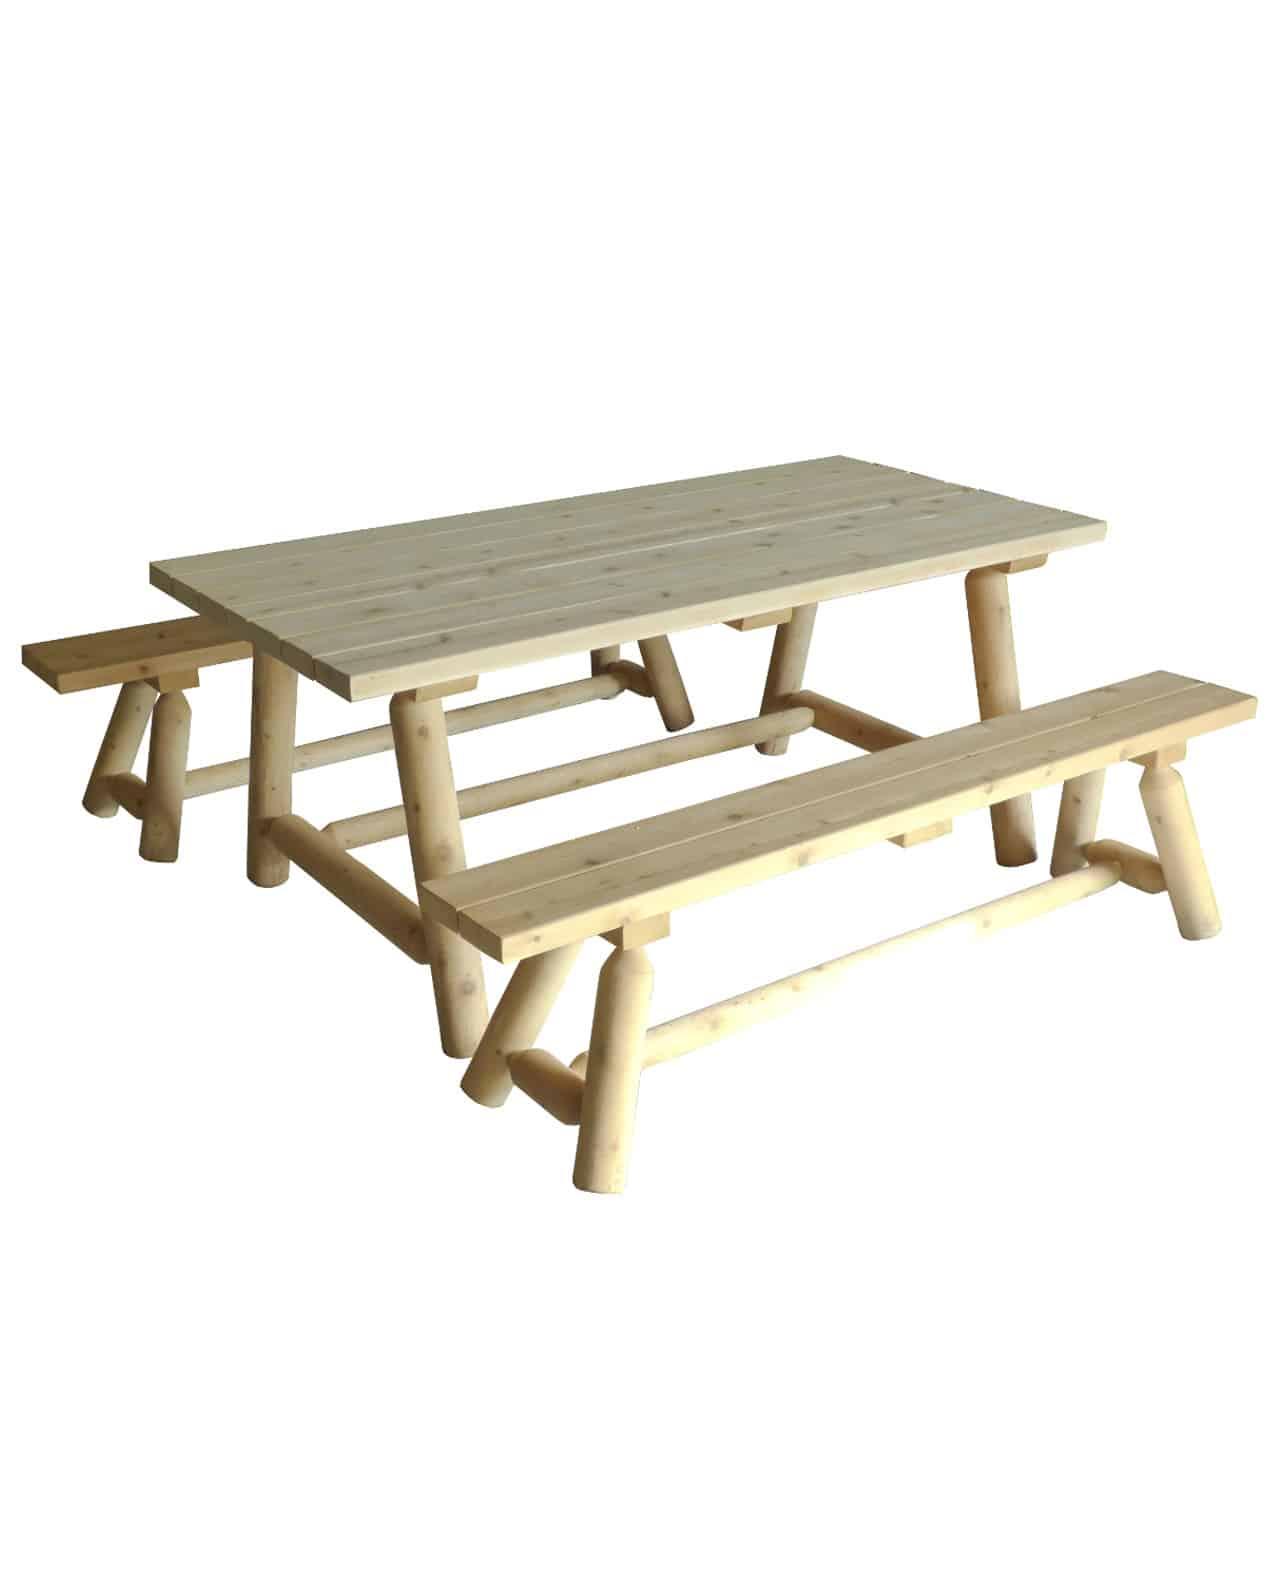 Table et banc en bois ensemble repas n 1s c dre rondins for Table et banc